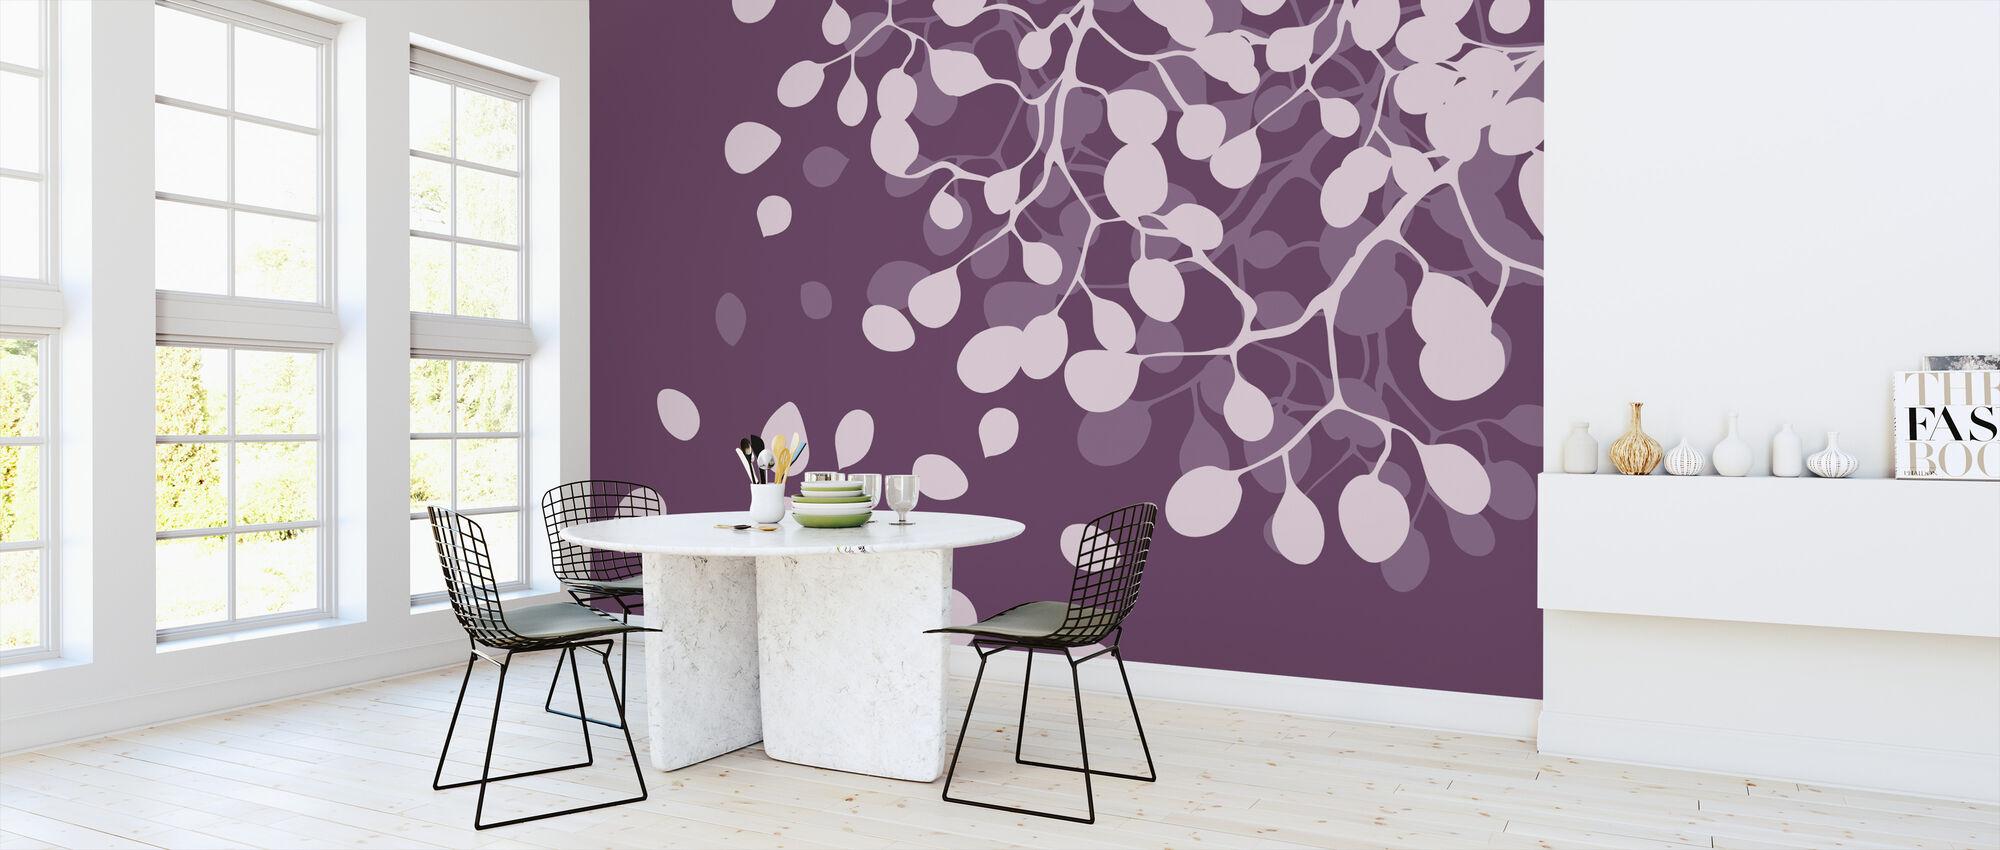 Birch - Plum - Wallpaper - Kitchen